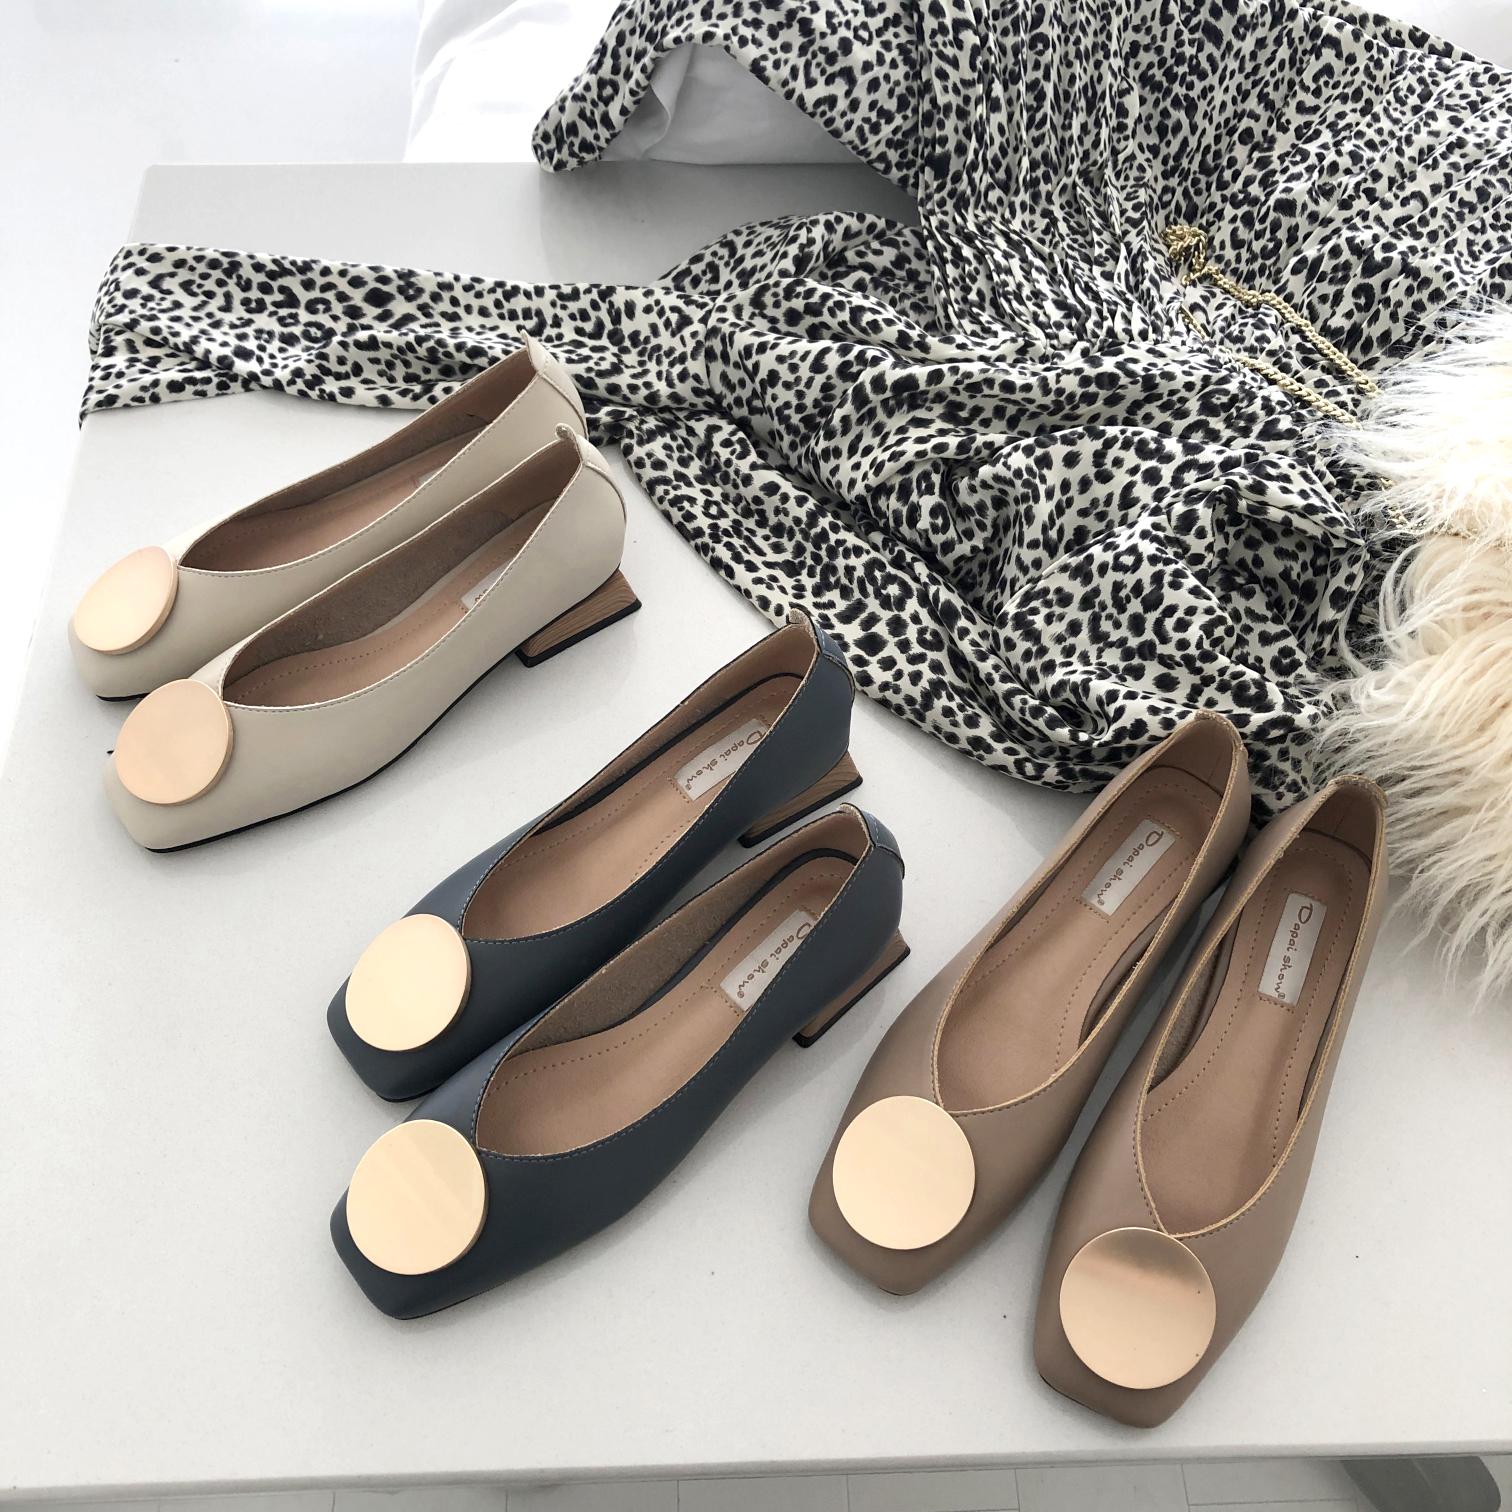 小复古气质浅口方头金属圆扣粗跟单鞋软皮舒适百搭低跟工作鞋女鞋